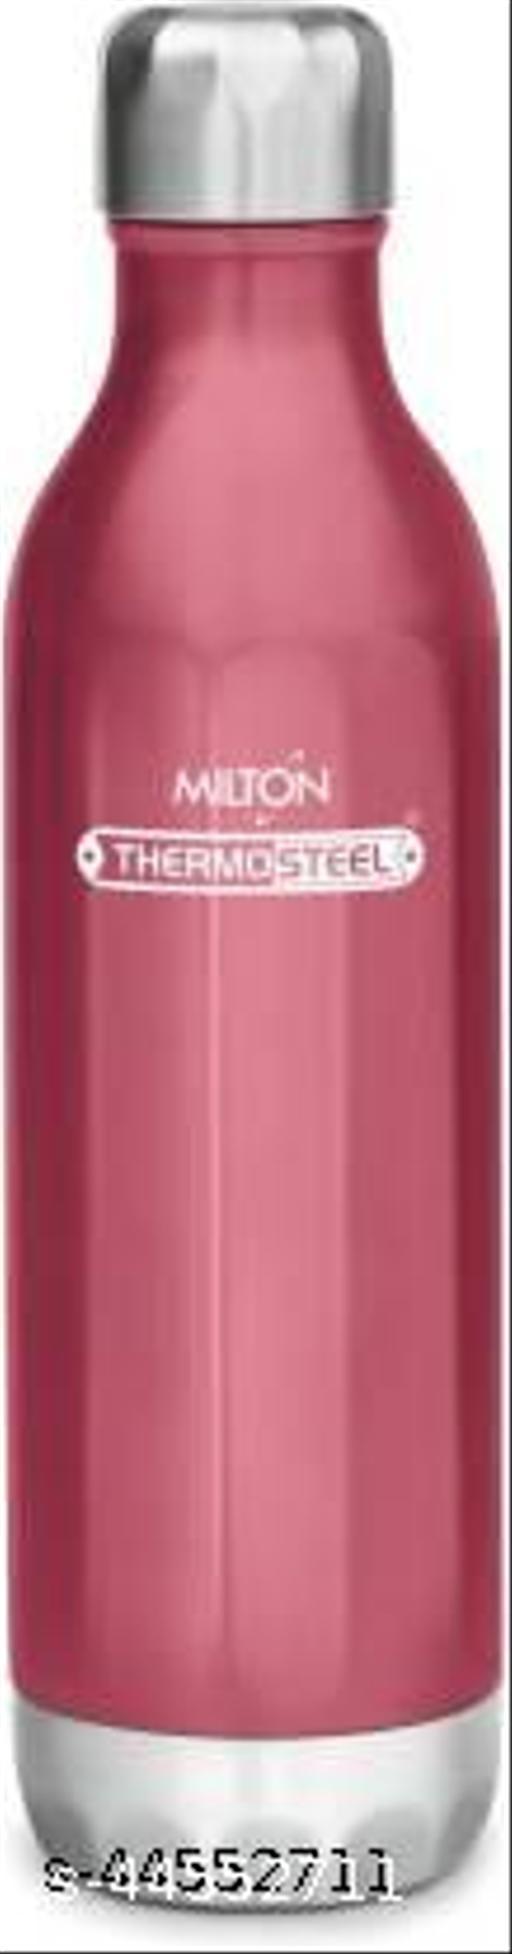 Milton Bliss 900 (790 ml) Bottle- Red